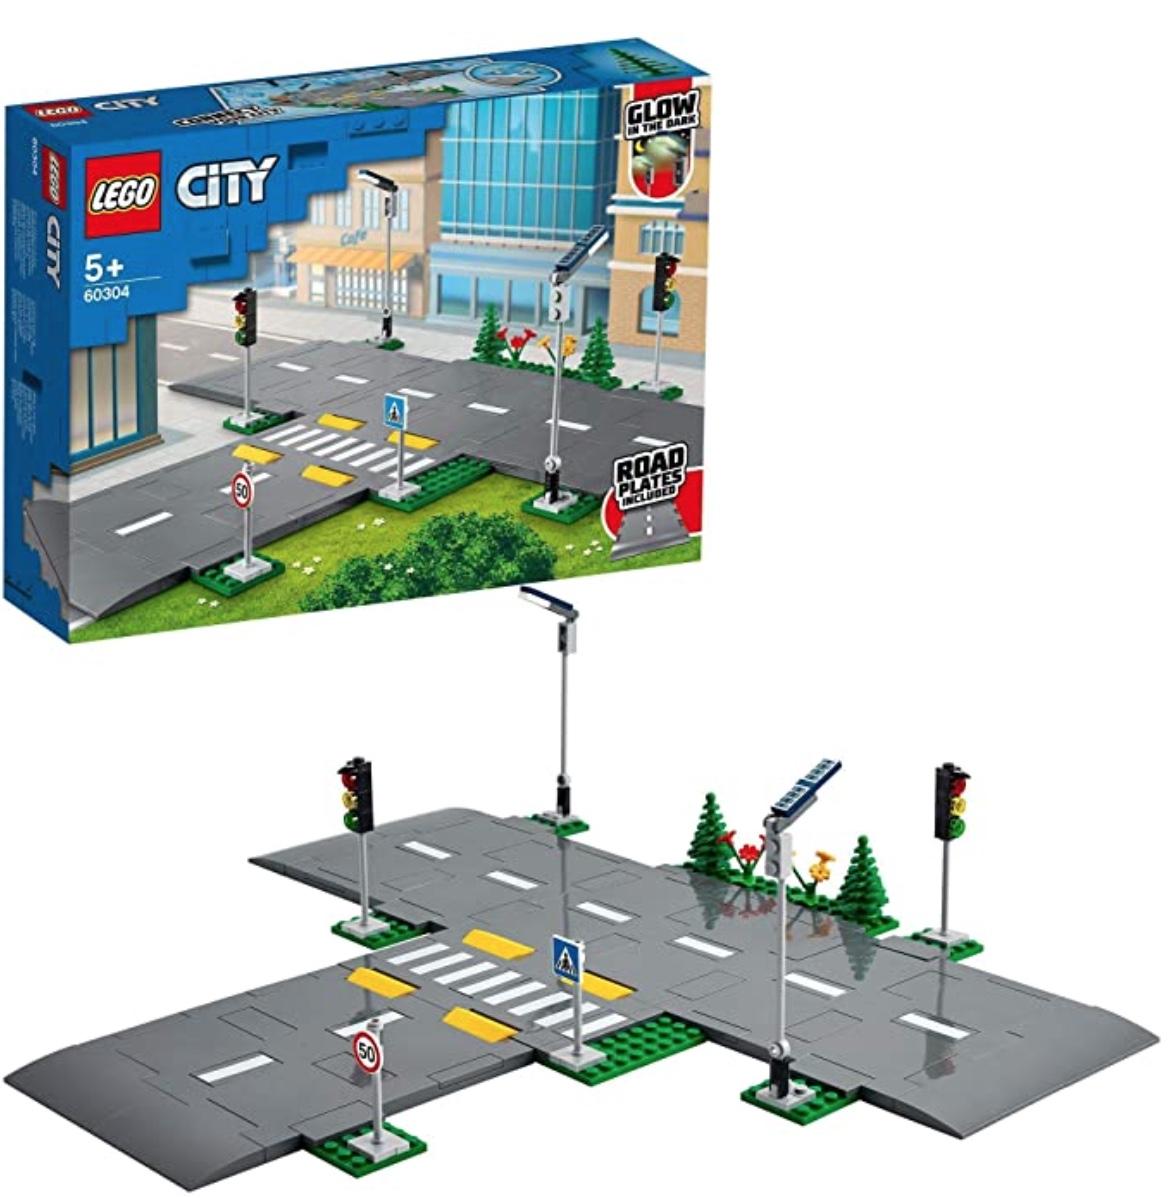 LEGO 60304 City Straßenkreuzung mit Ampeln für nur 12,99 Euro